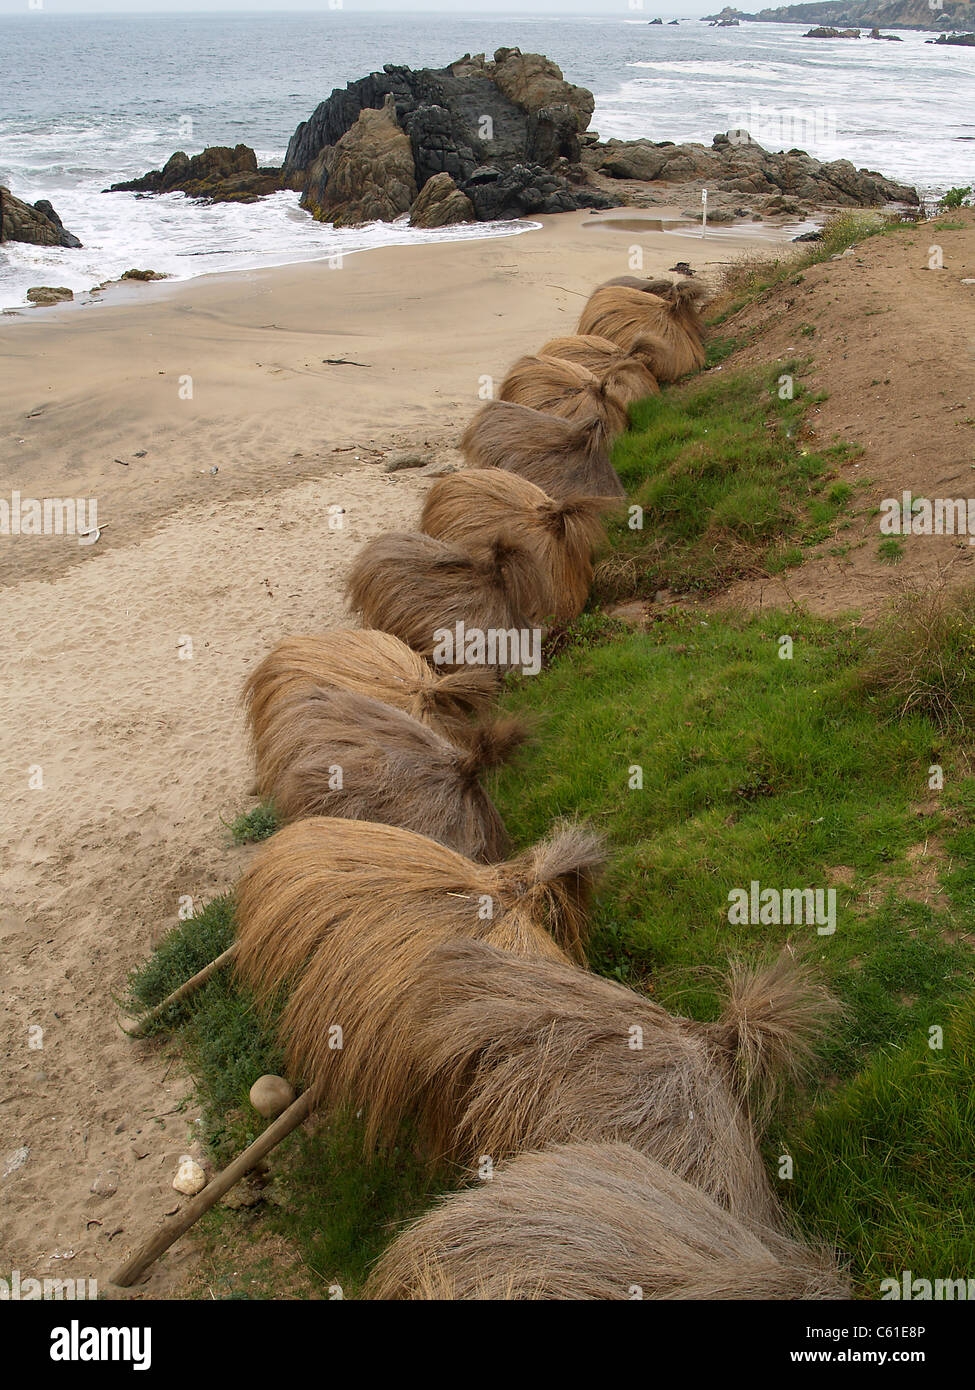 Beach umbrellas, Vina del Mar, Chile - Stock Image